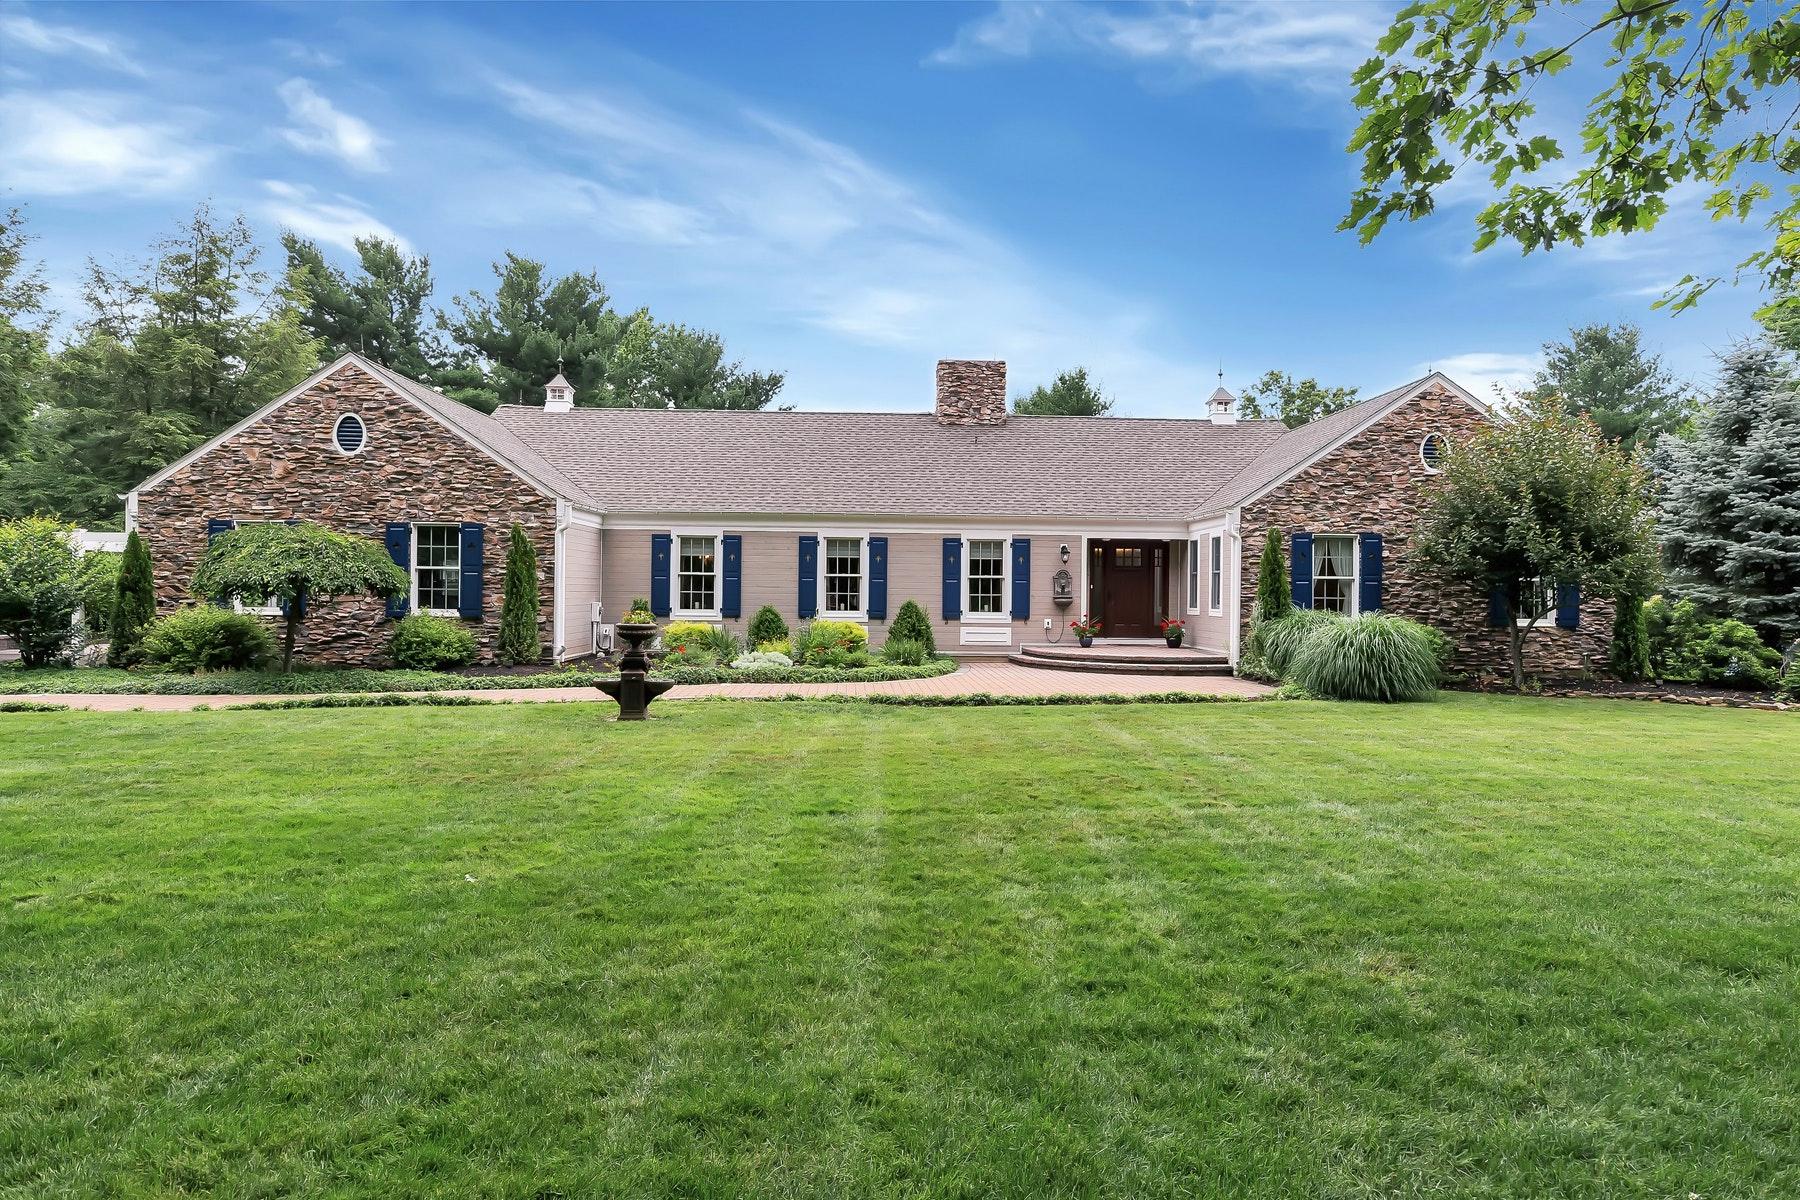 一戸建て のために 売買 アット 8 Wellington Court Colts Neck, ニュージャージー, 07722 アメリカ合衆国